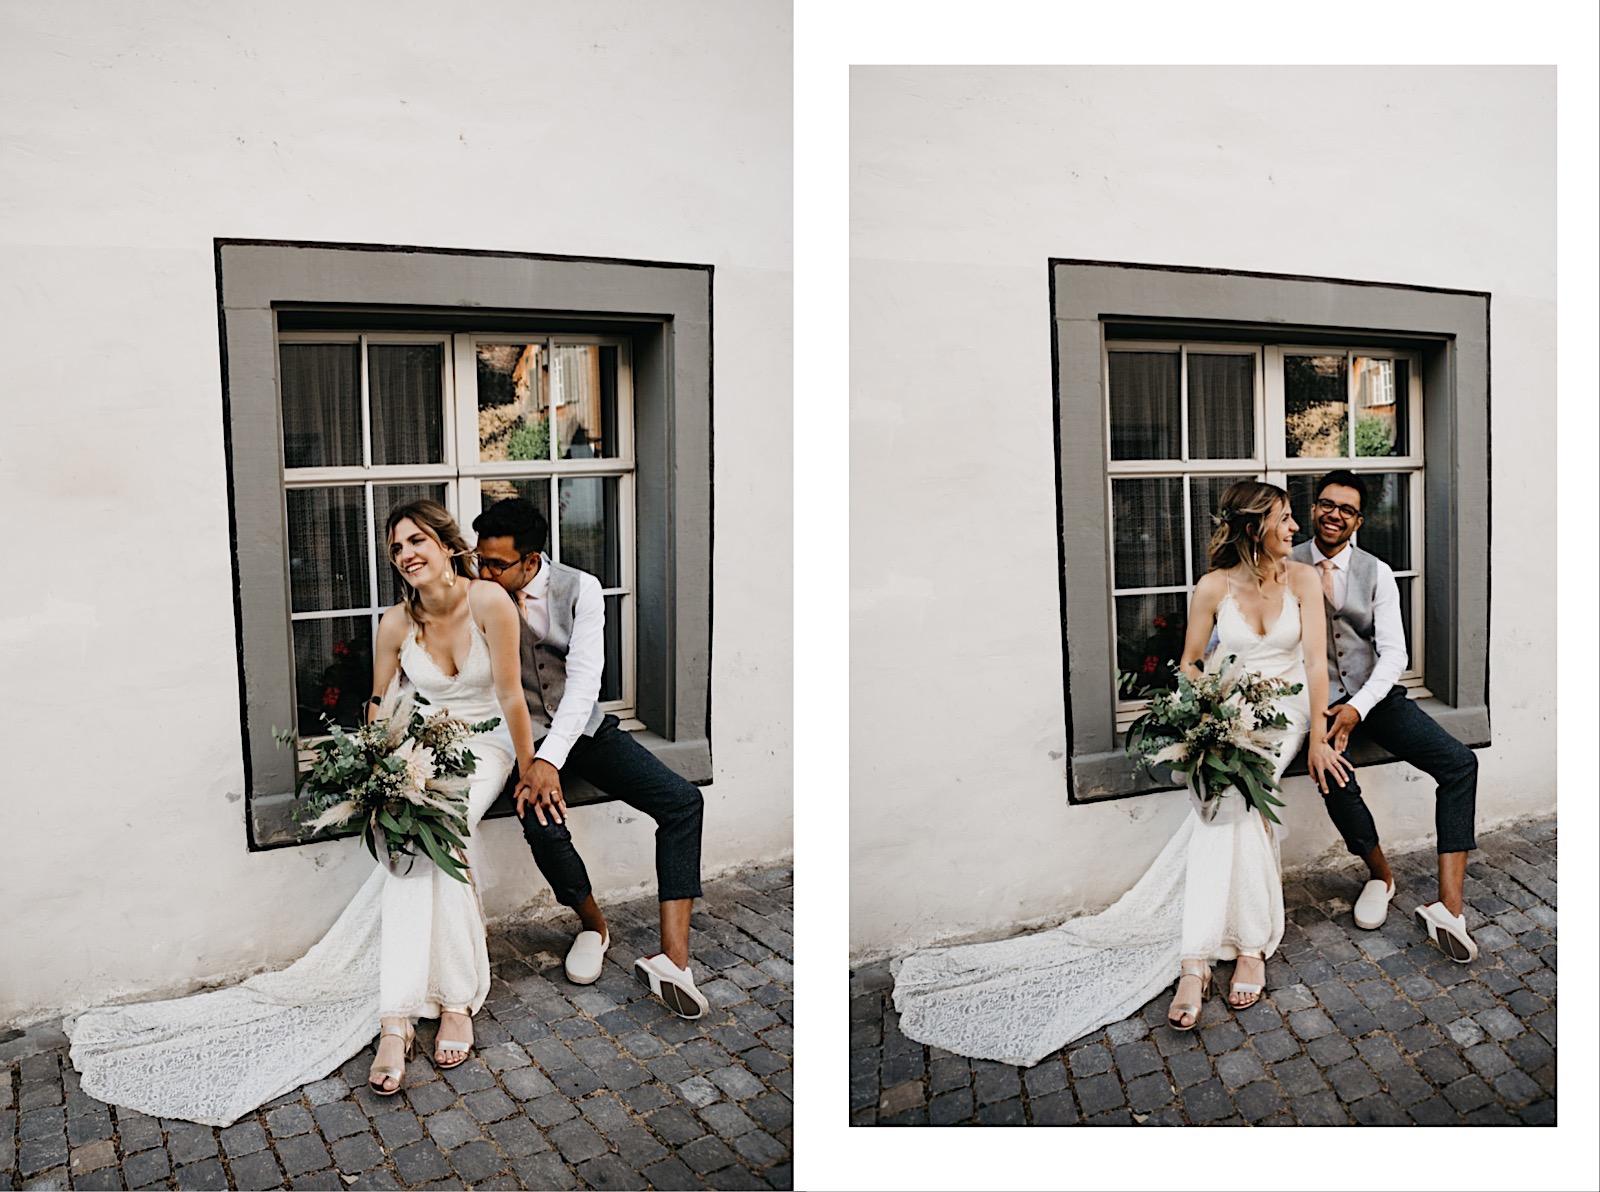 14_bohowedding_afterweddingshoot_elopement_switzerland (38 von 55)_bohowedding_afterweddingshoot_elopement_switzerland (39 von 55).jpg